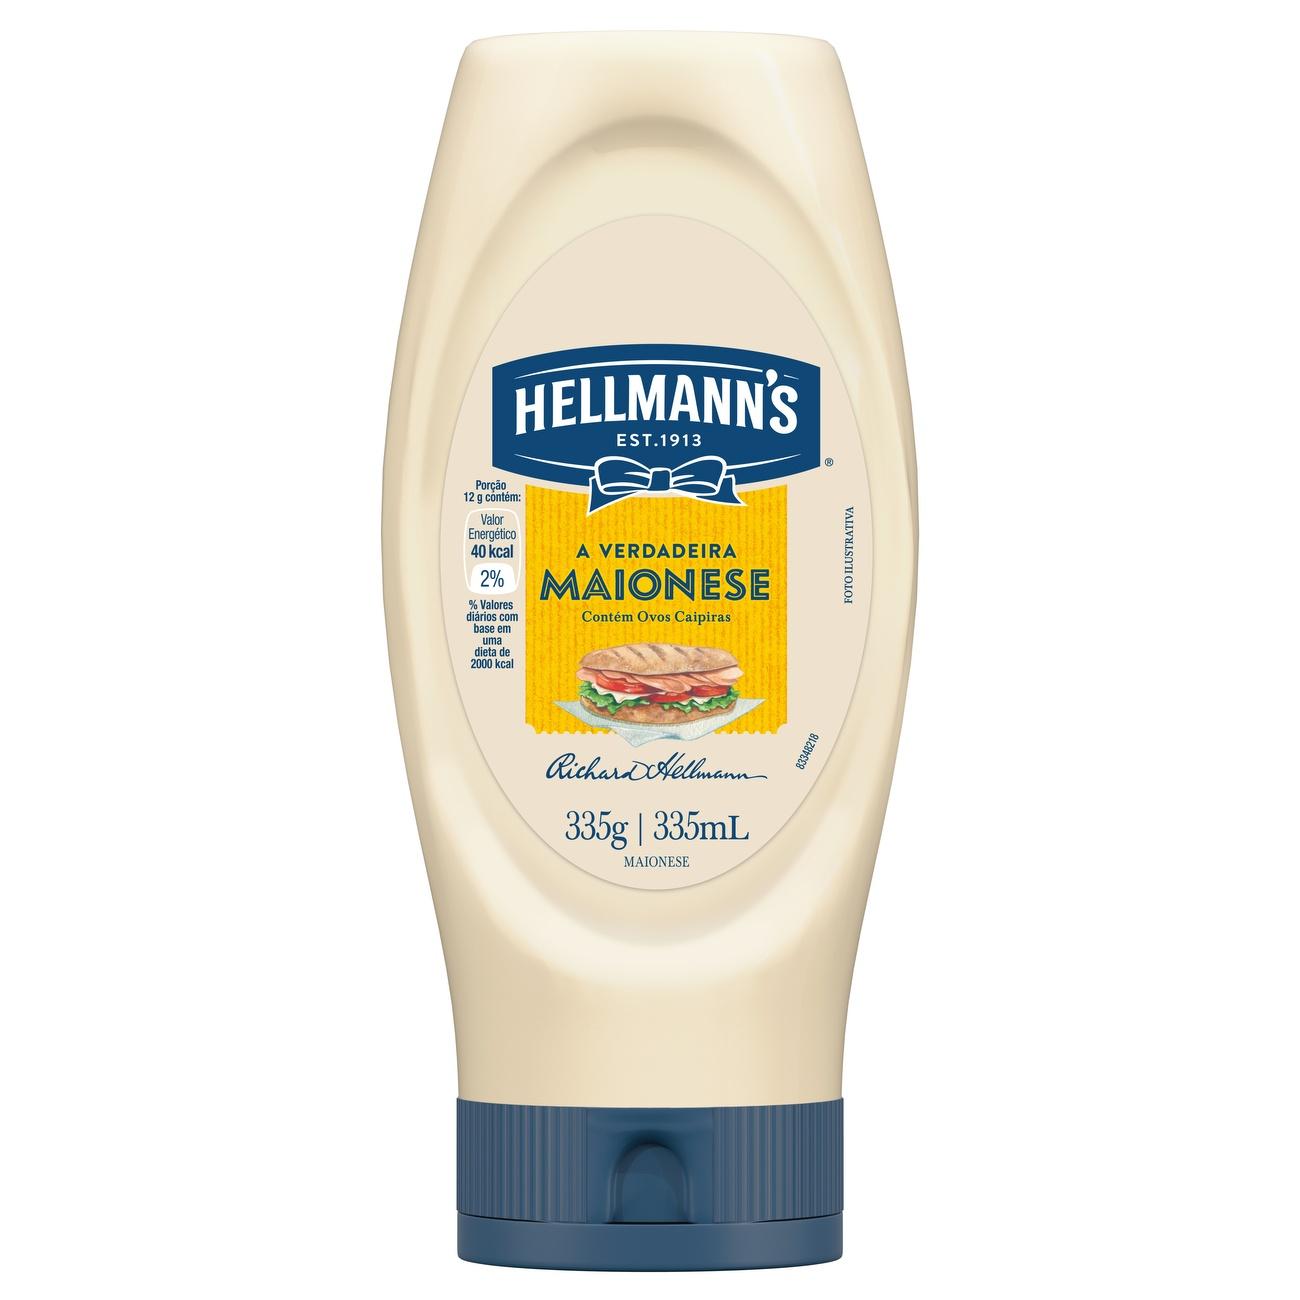 Maionese Hellmann's 335g